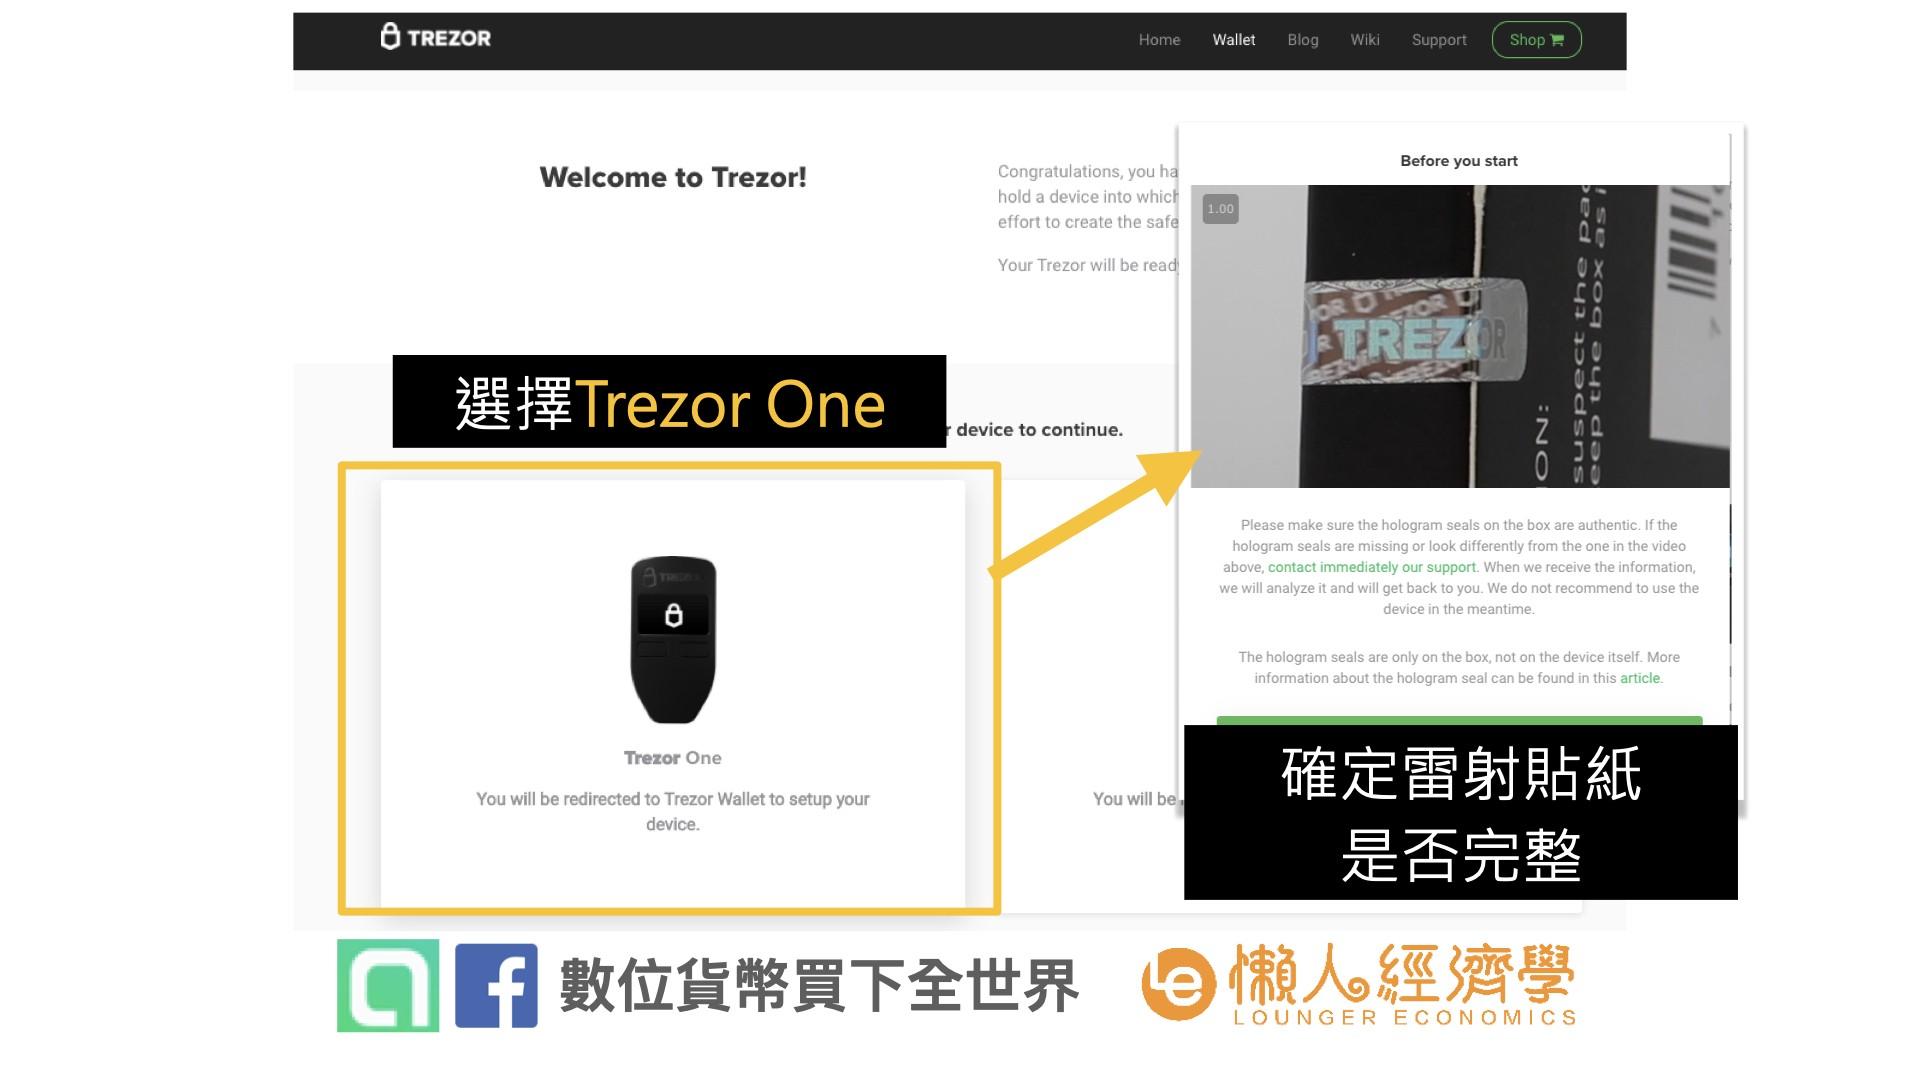 Trezor Wallet 設定教學:確認包裝上的雷射標籤狀況